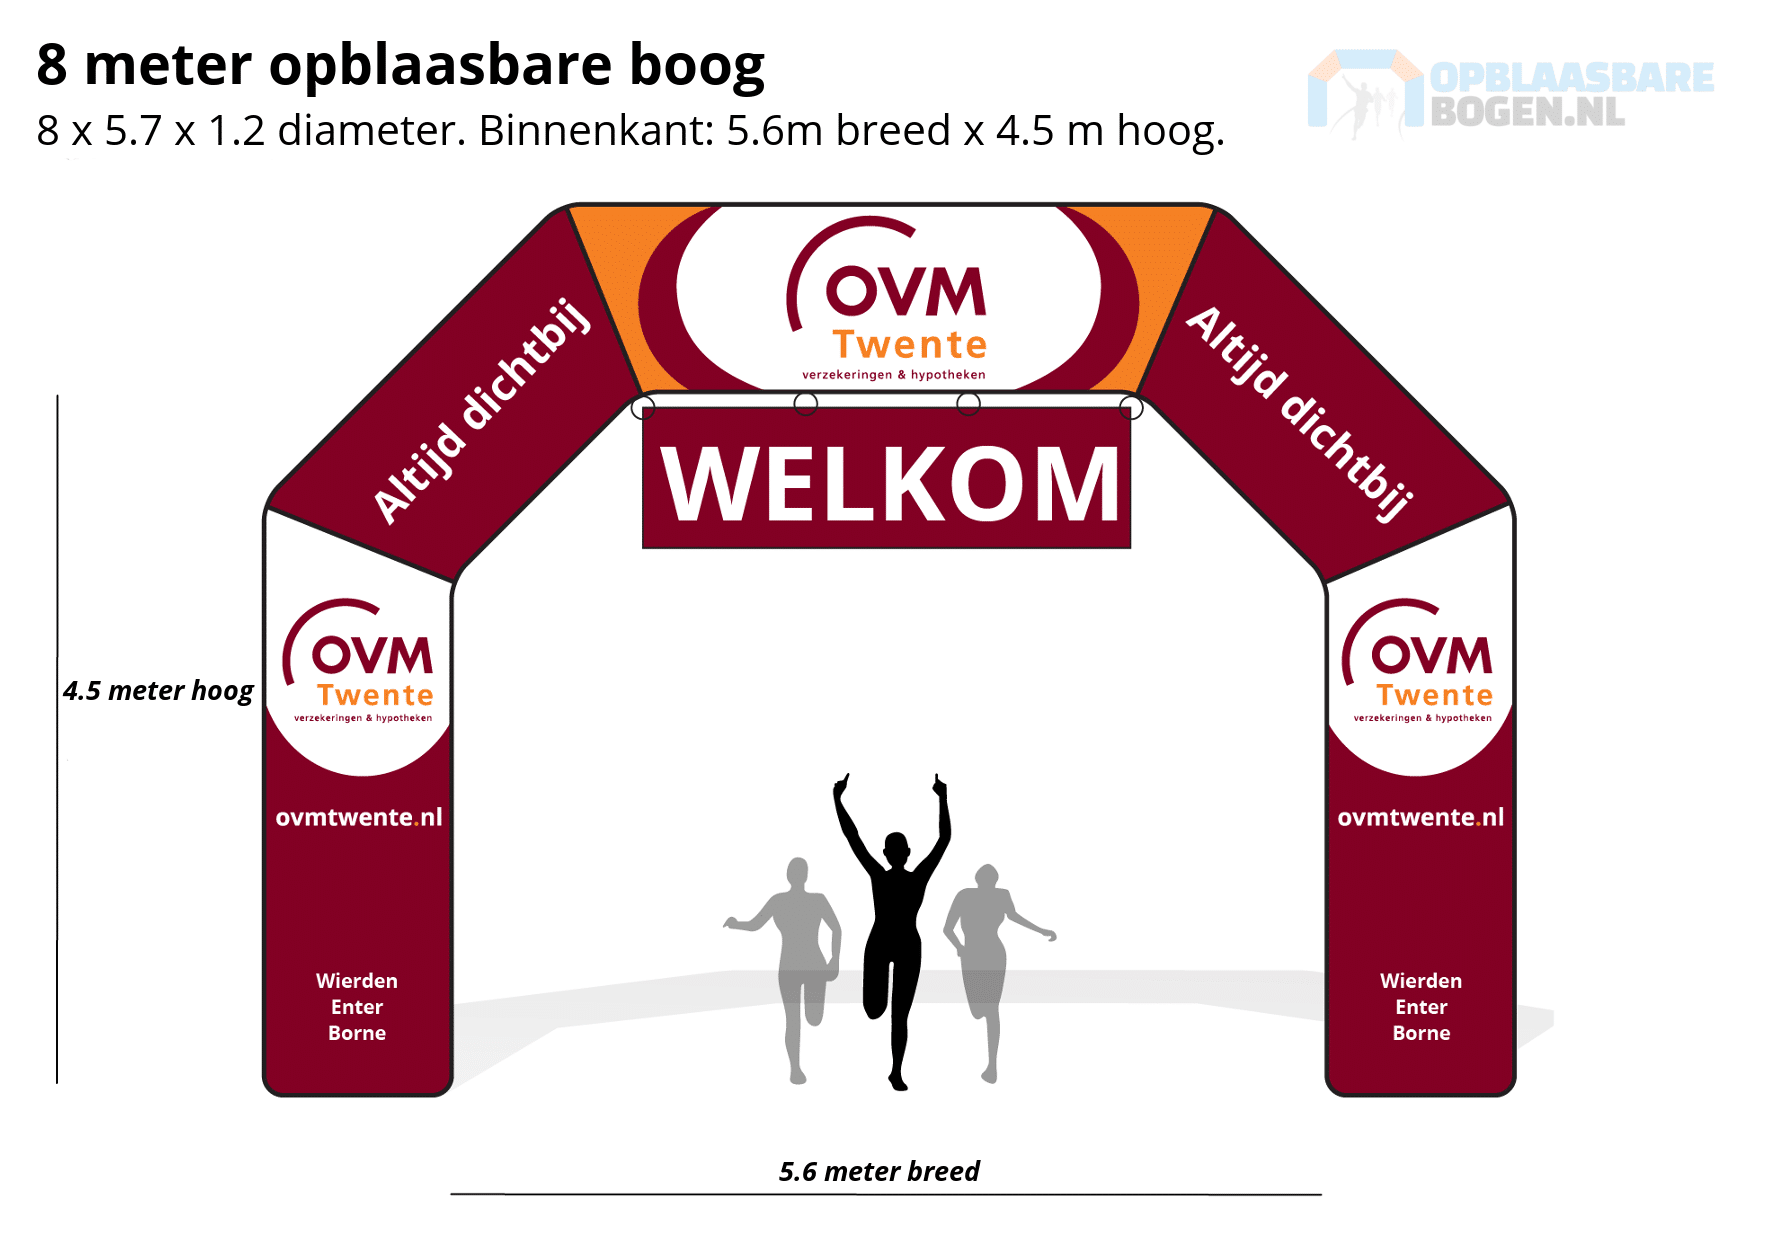 Ontwerp 8 meter Opblaasbare boog voor OVM Twente -Opblaasbarebogen.nl-